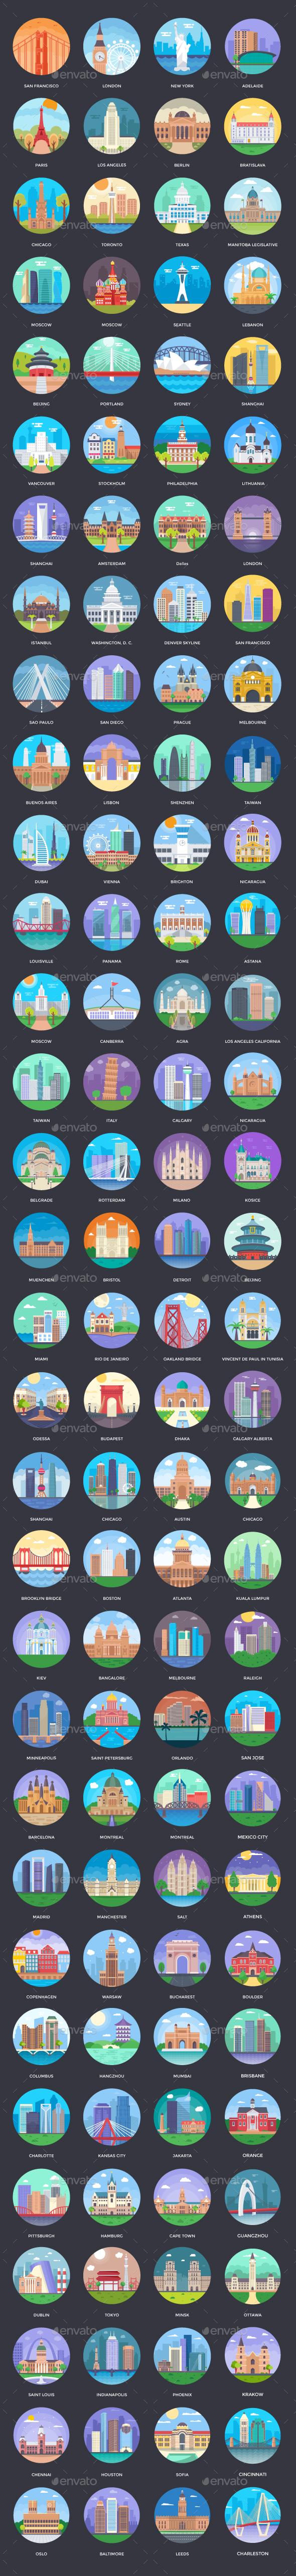 125+ World Cities Illustrations - Vectors